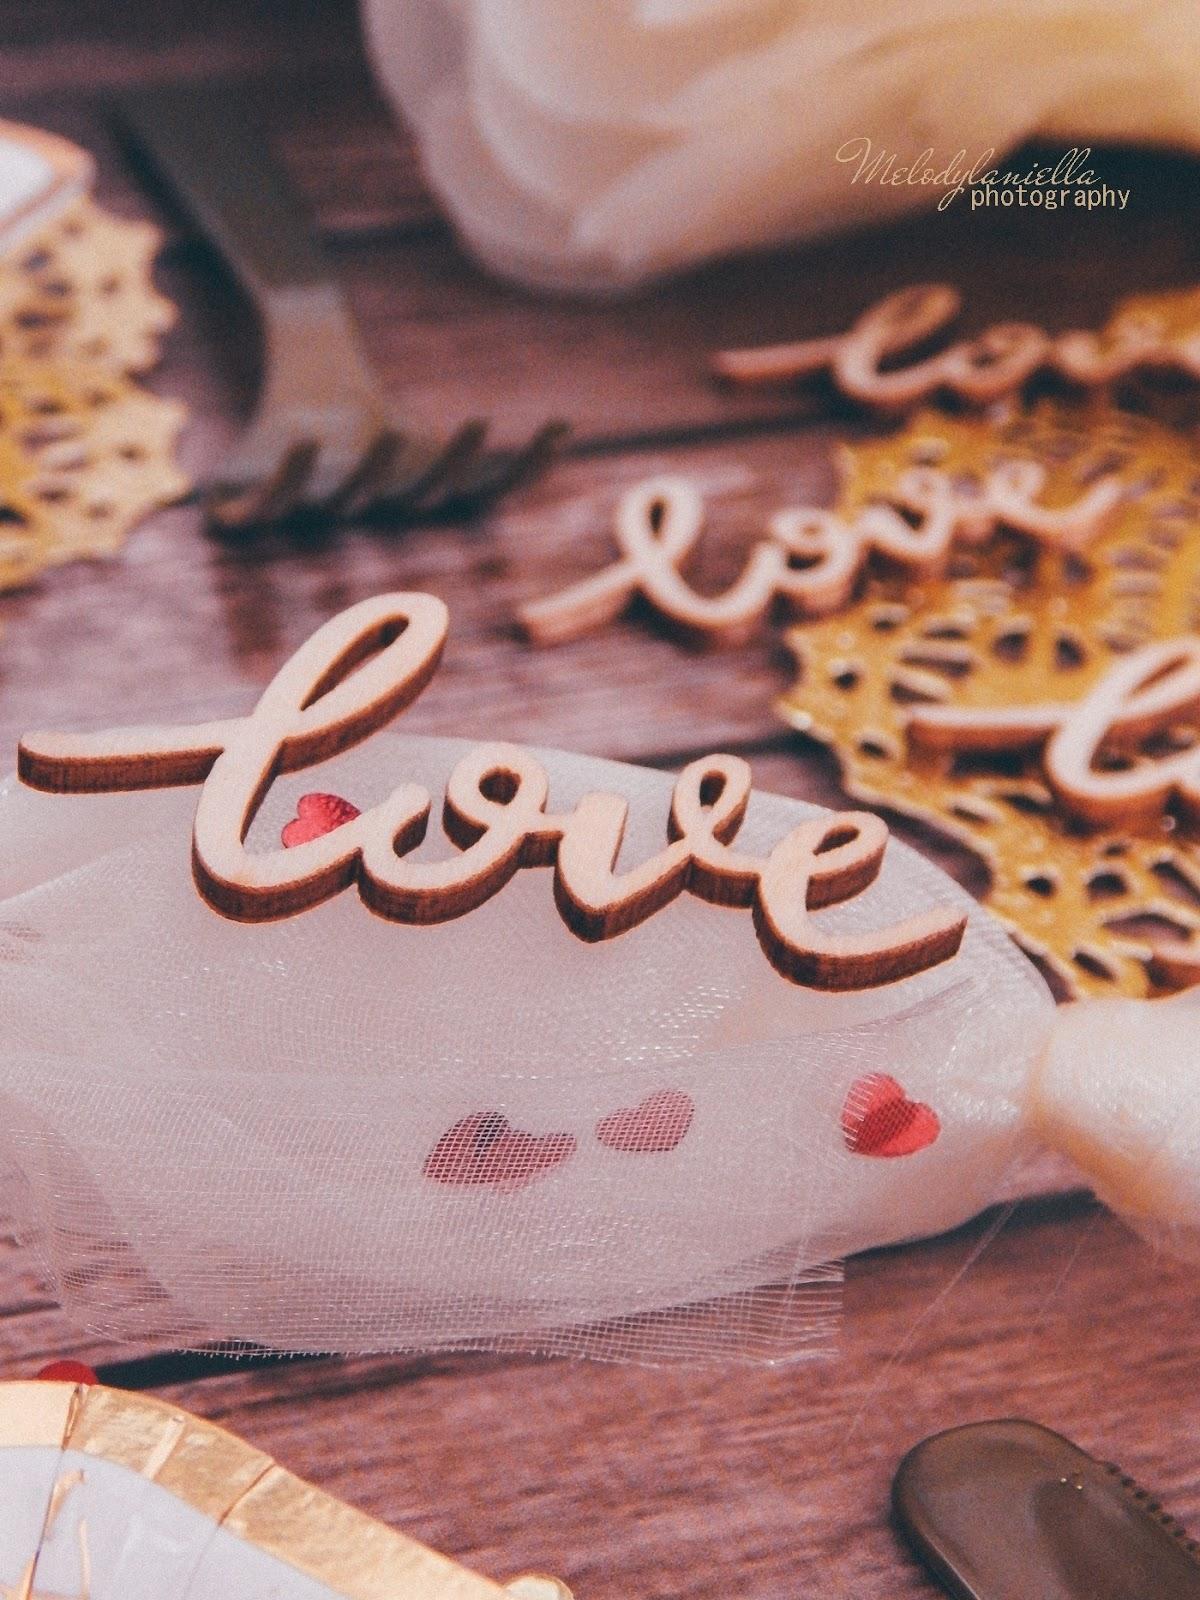 4 partybox stroje dekoracje gadżety na imprezy na urodziny na rocznice na ślub na wesele zaręczyny ozdobne talerze ozdobne sztućce dodatki wystrój wnętrz konfetti balony love tiul dekoracyjny złote dodatki